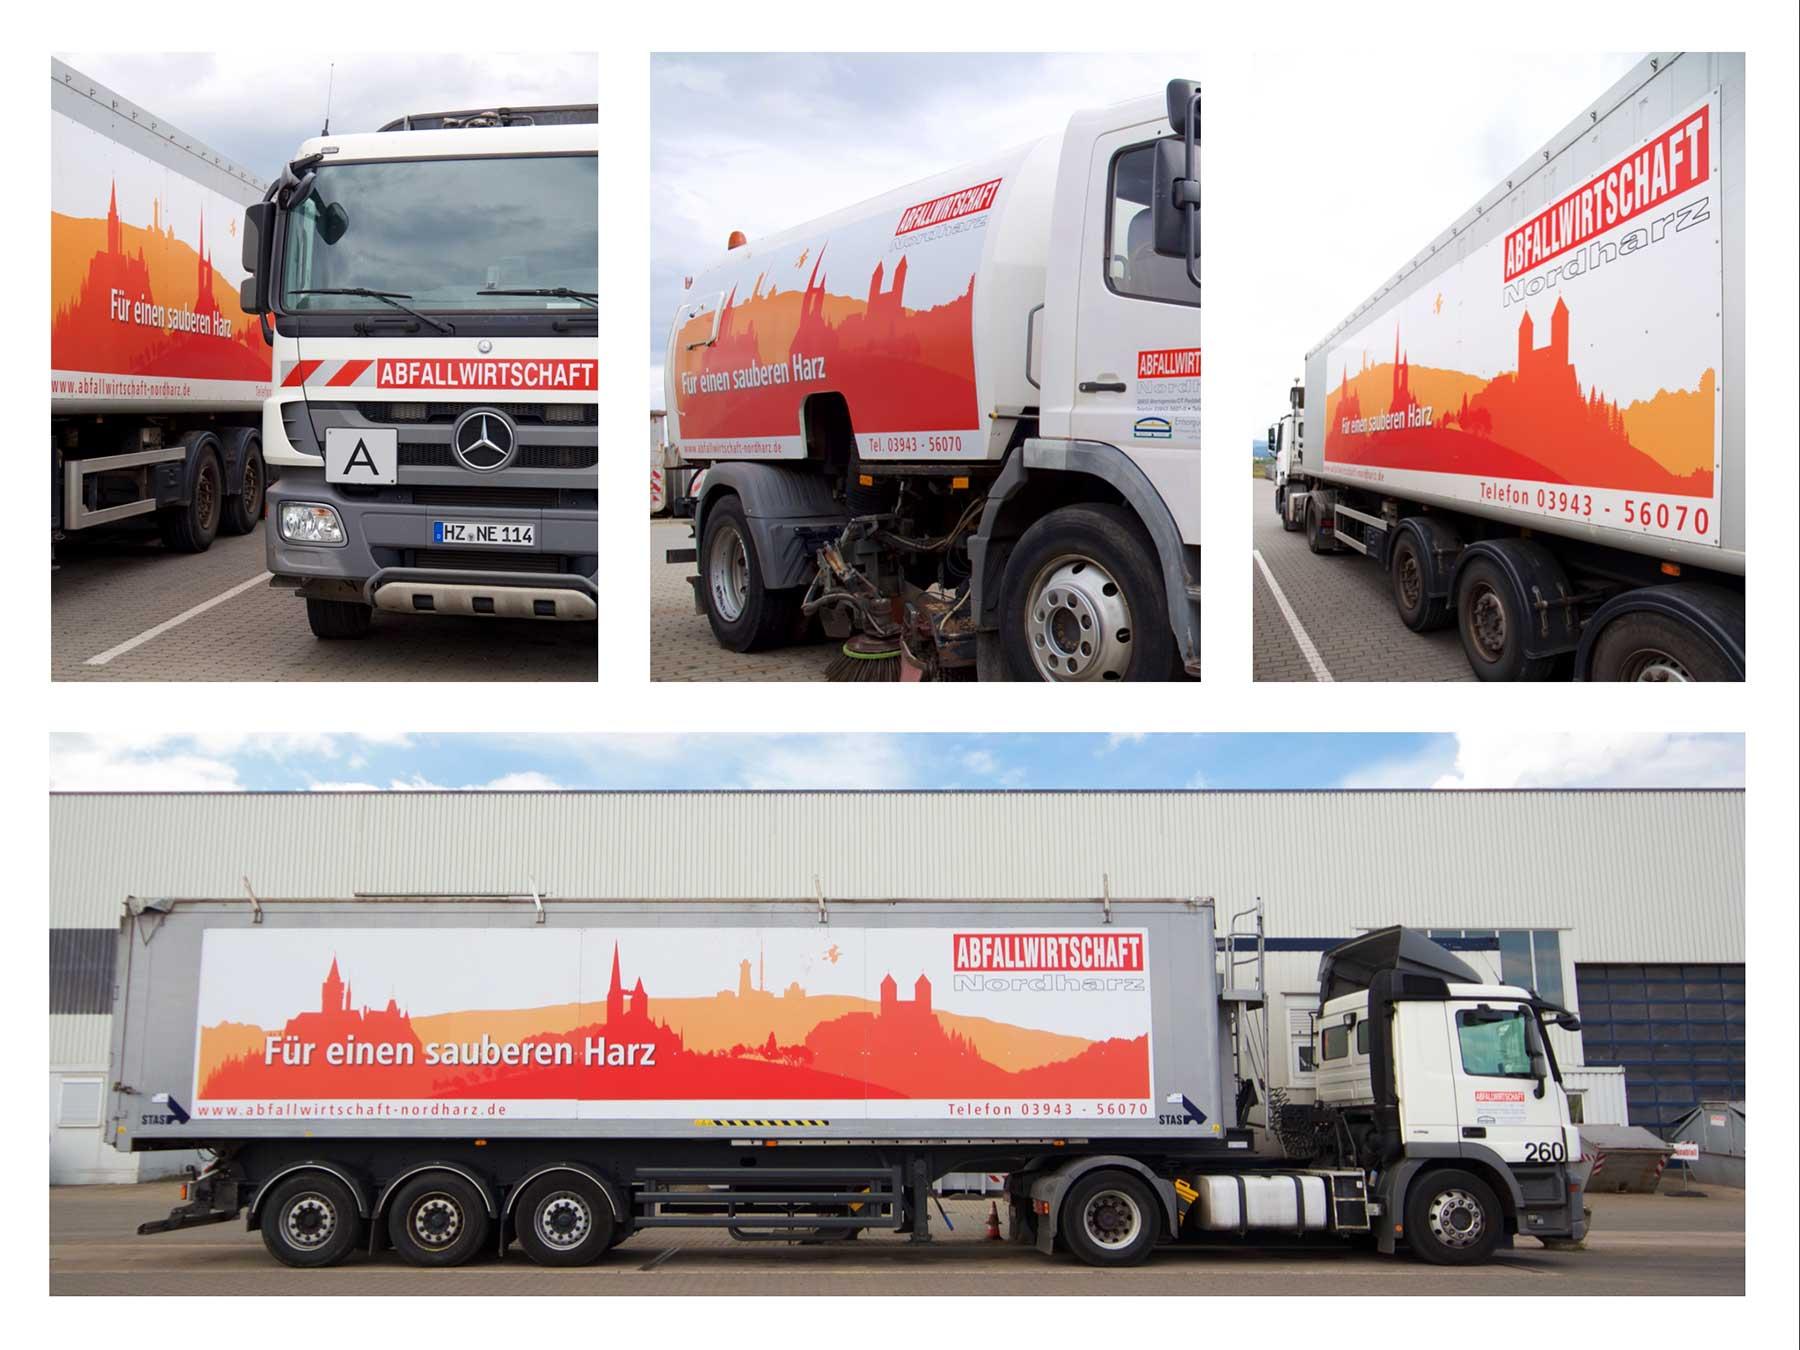 LKW-Plakatierung der Abfallwirtschaft Nordharz GmbH